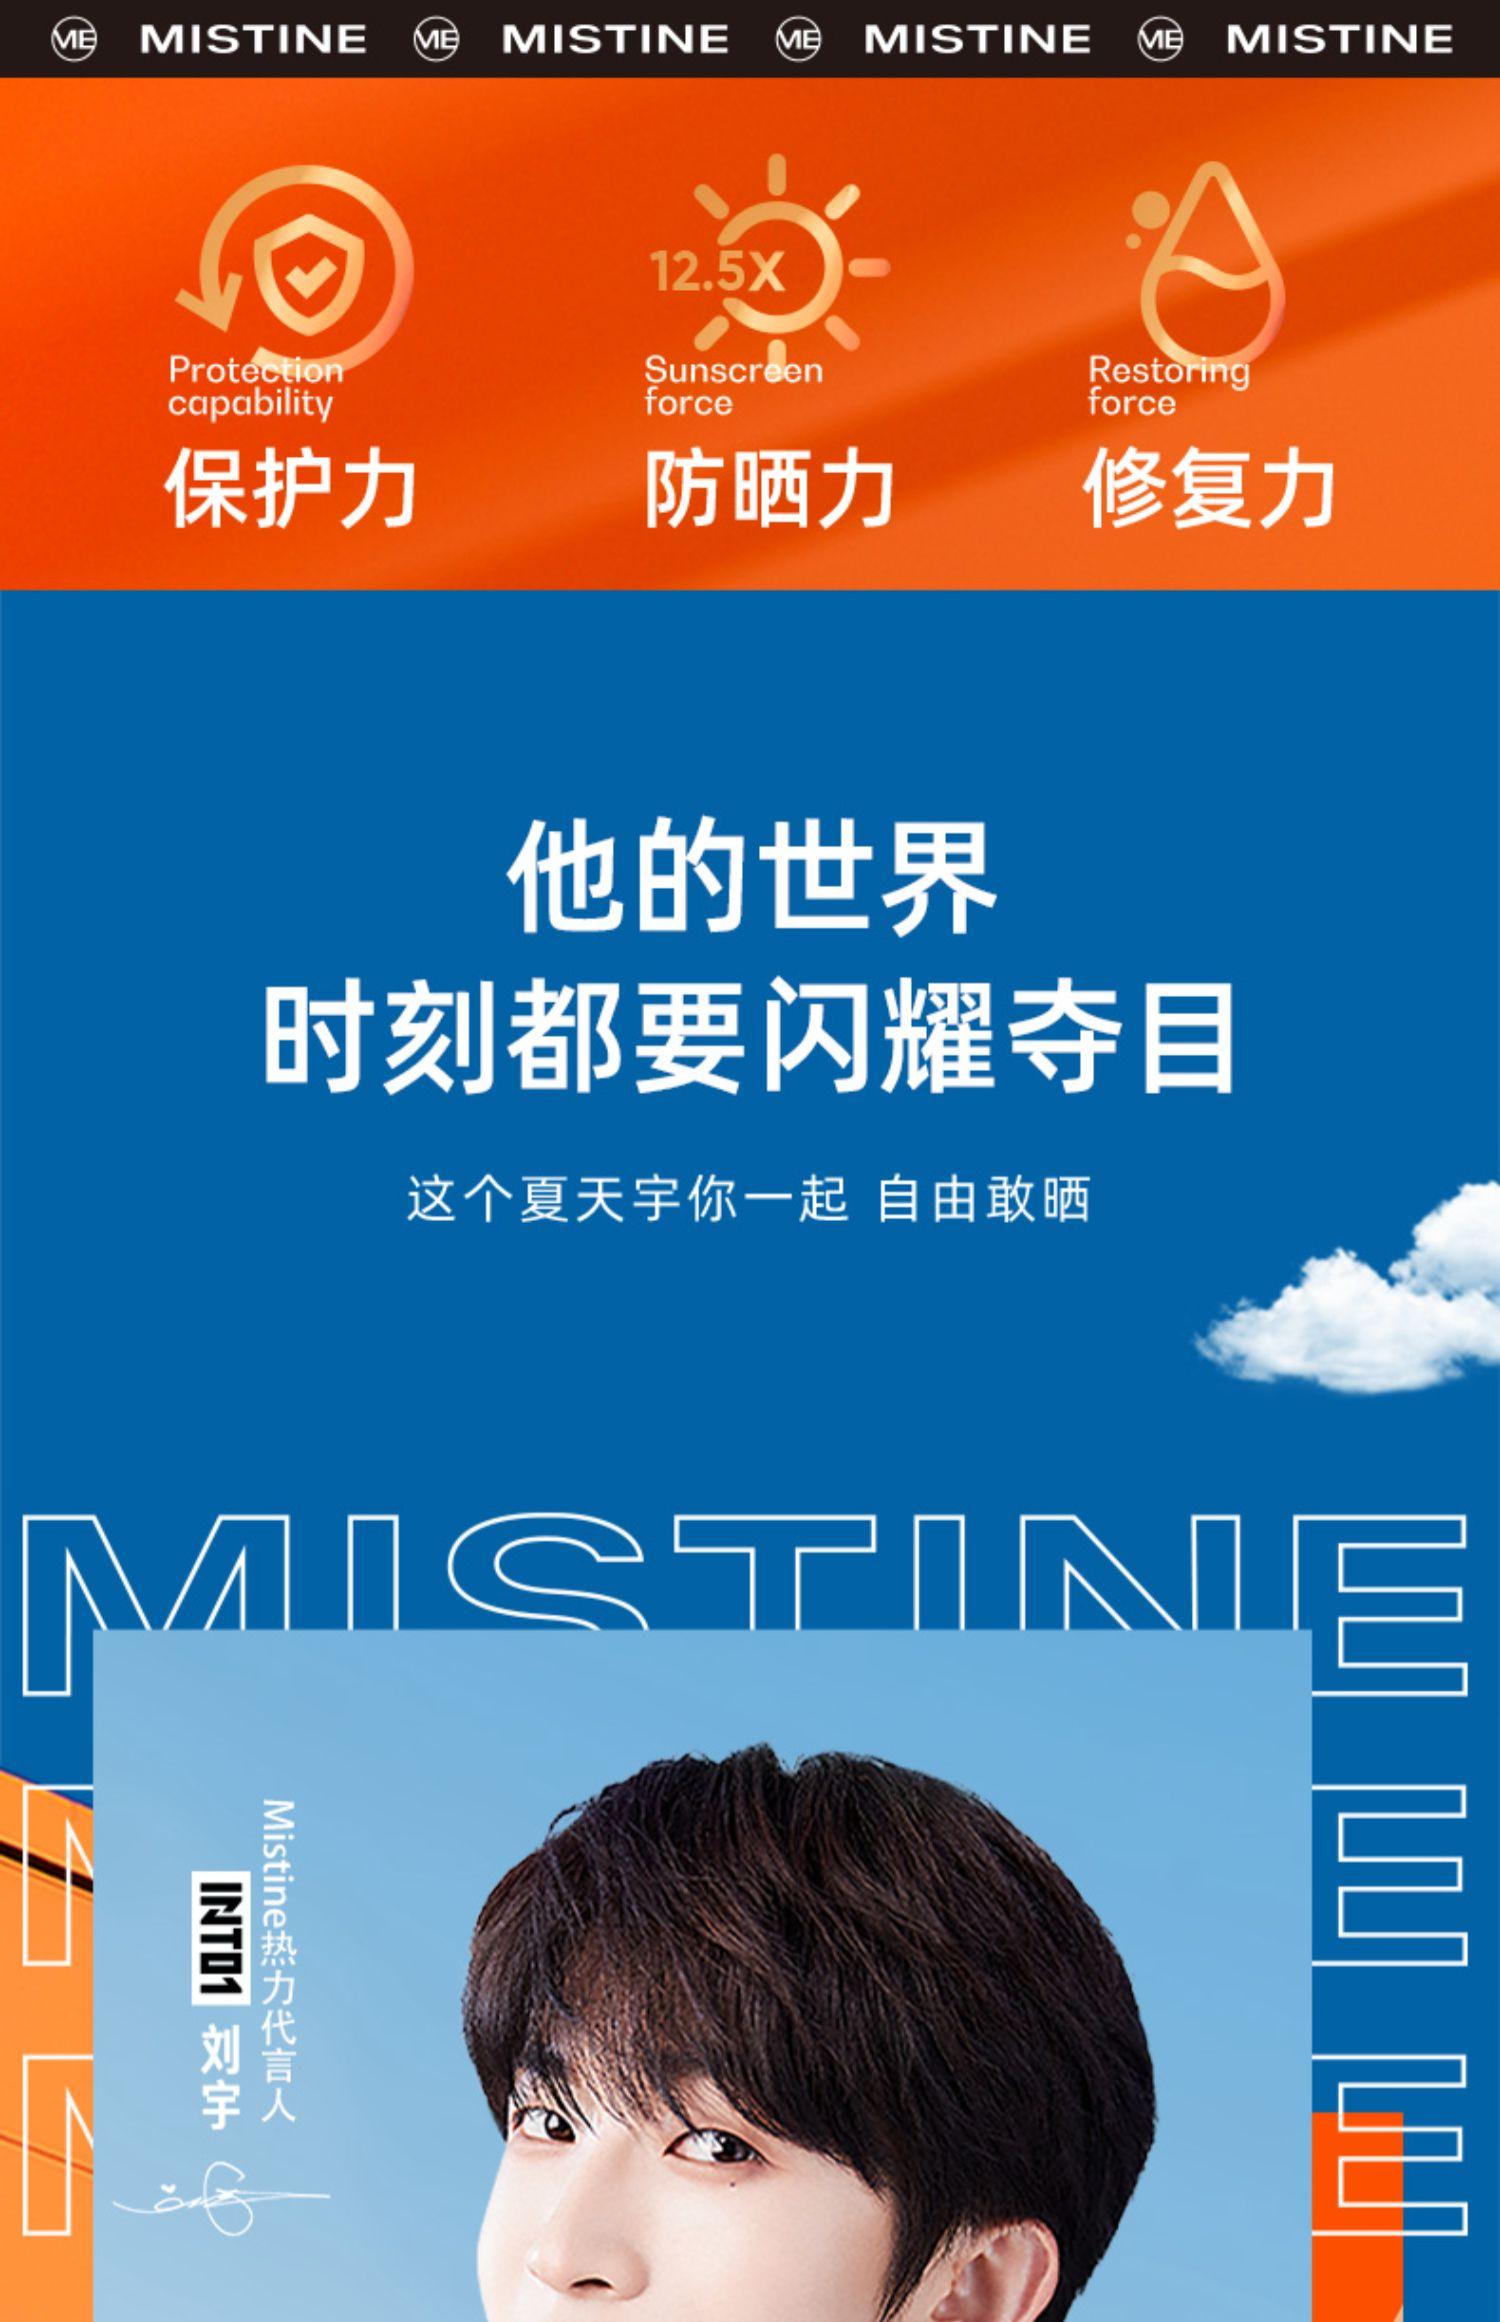 泰国Mistine小蓝帽隔离防晒霜水润蜜丝婷5